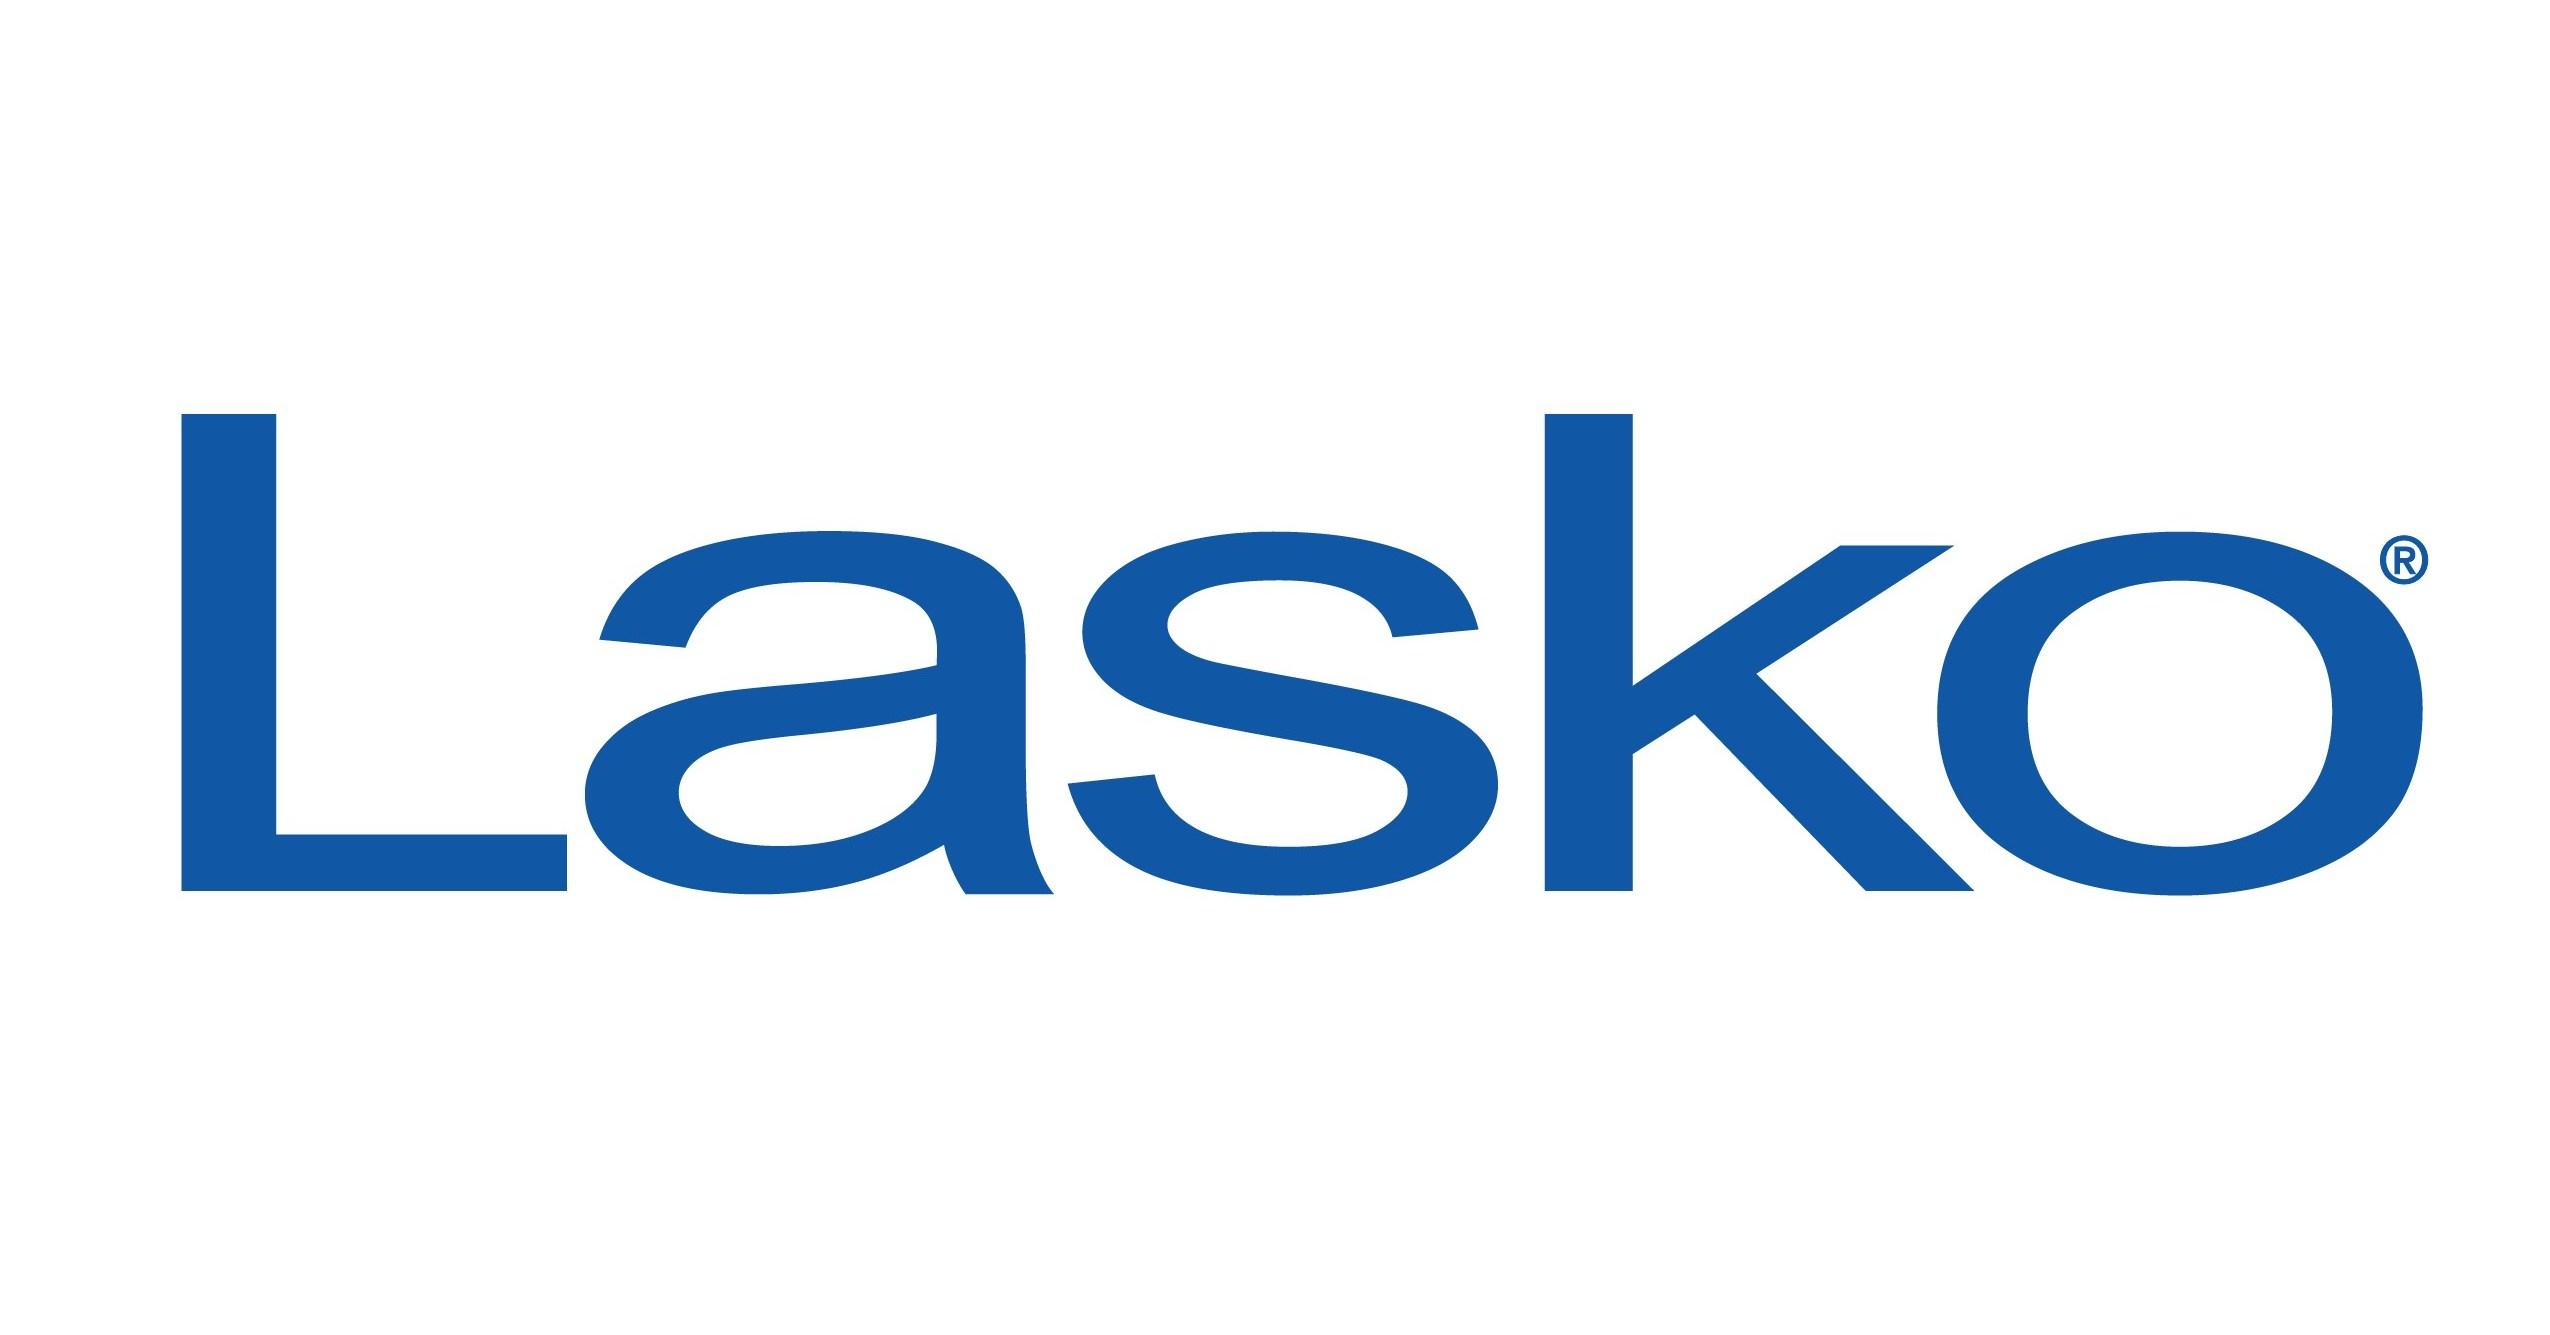 Lasko: USA's leading fan brand enters the Indian market.